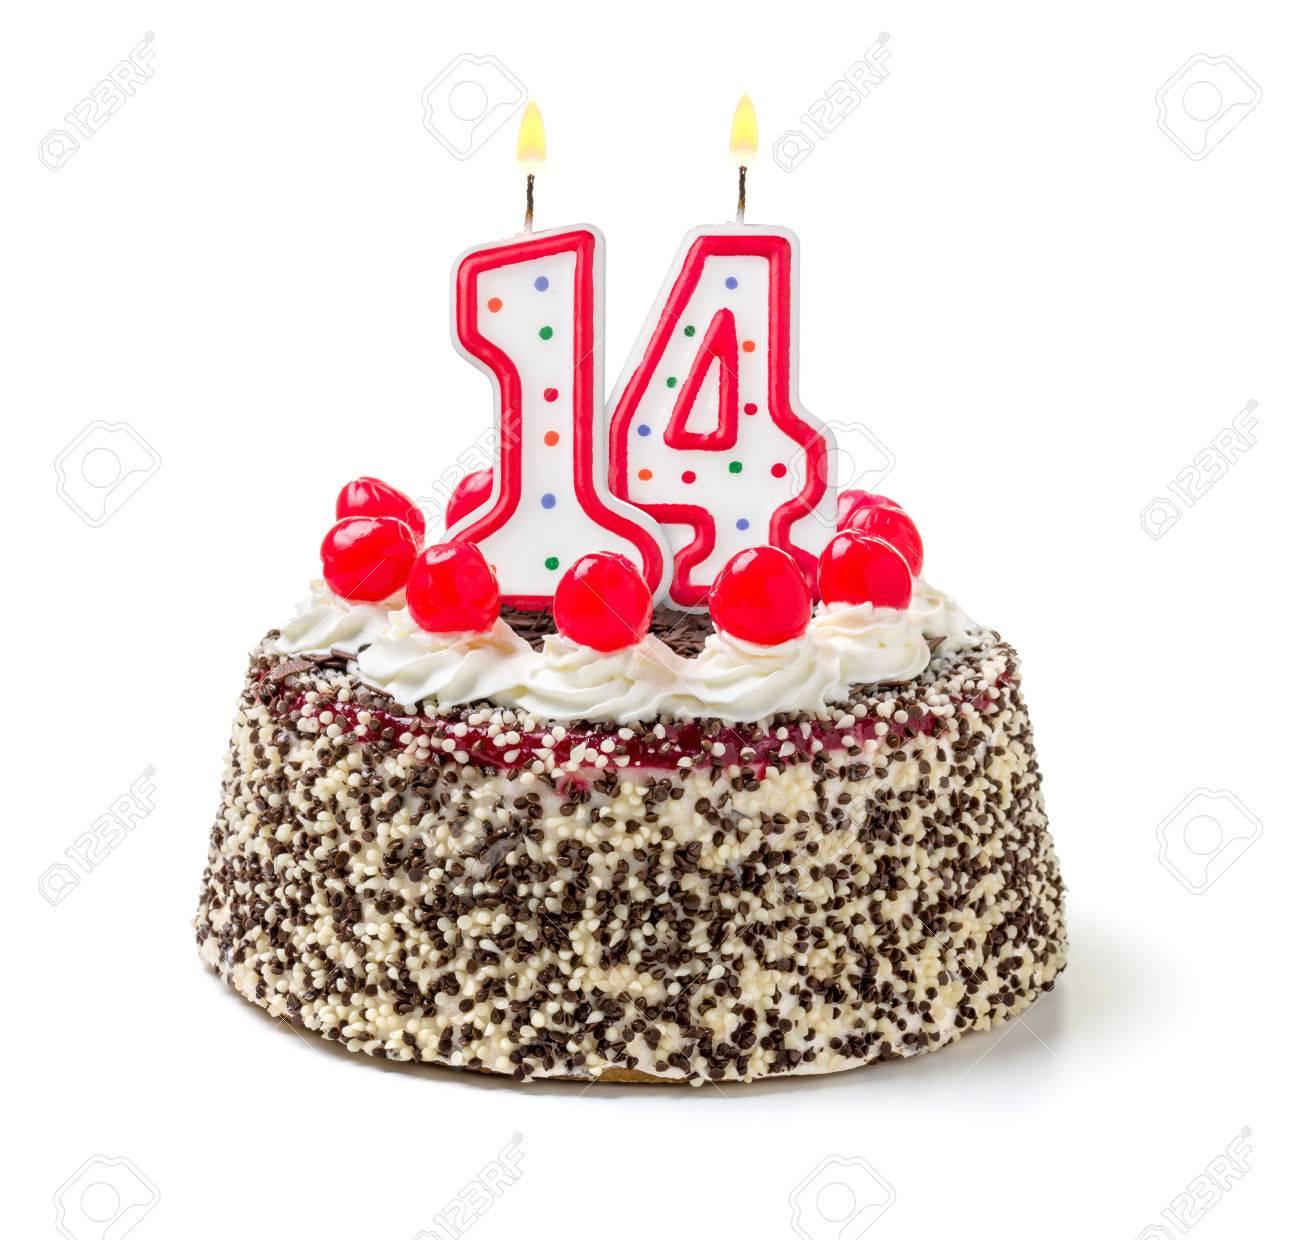 """Résultat de recherche d'images pour """"gateau anniversaire 14"""""""